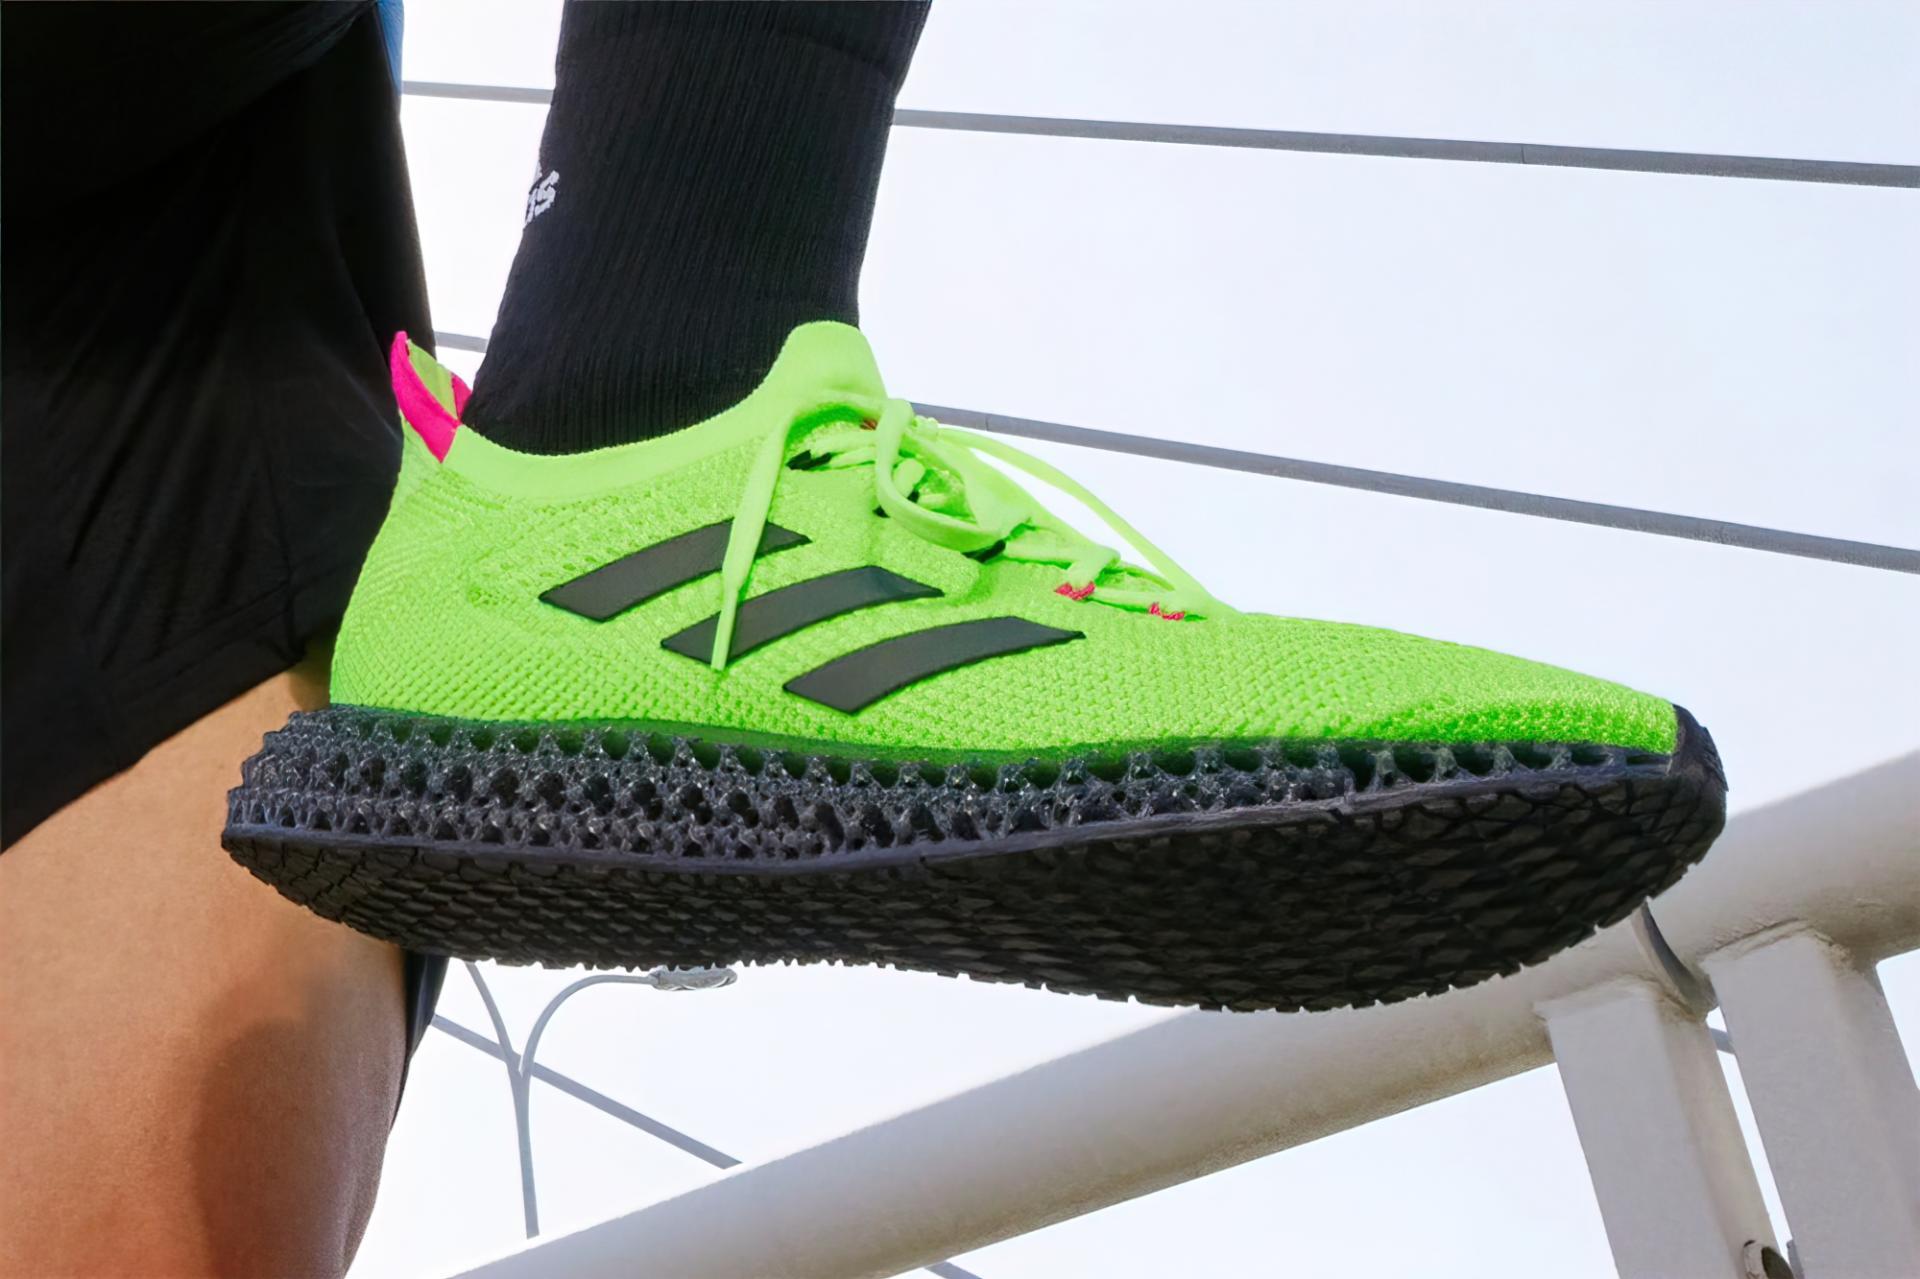 Adidas 4DFWD появились всмелом кричащем зелёном цвете